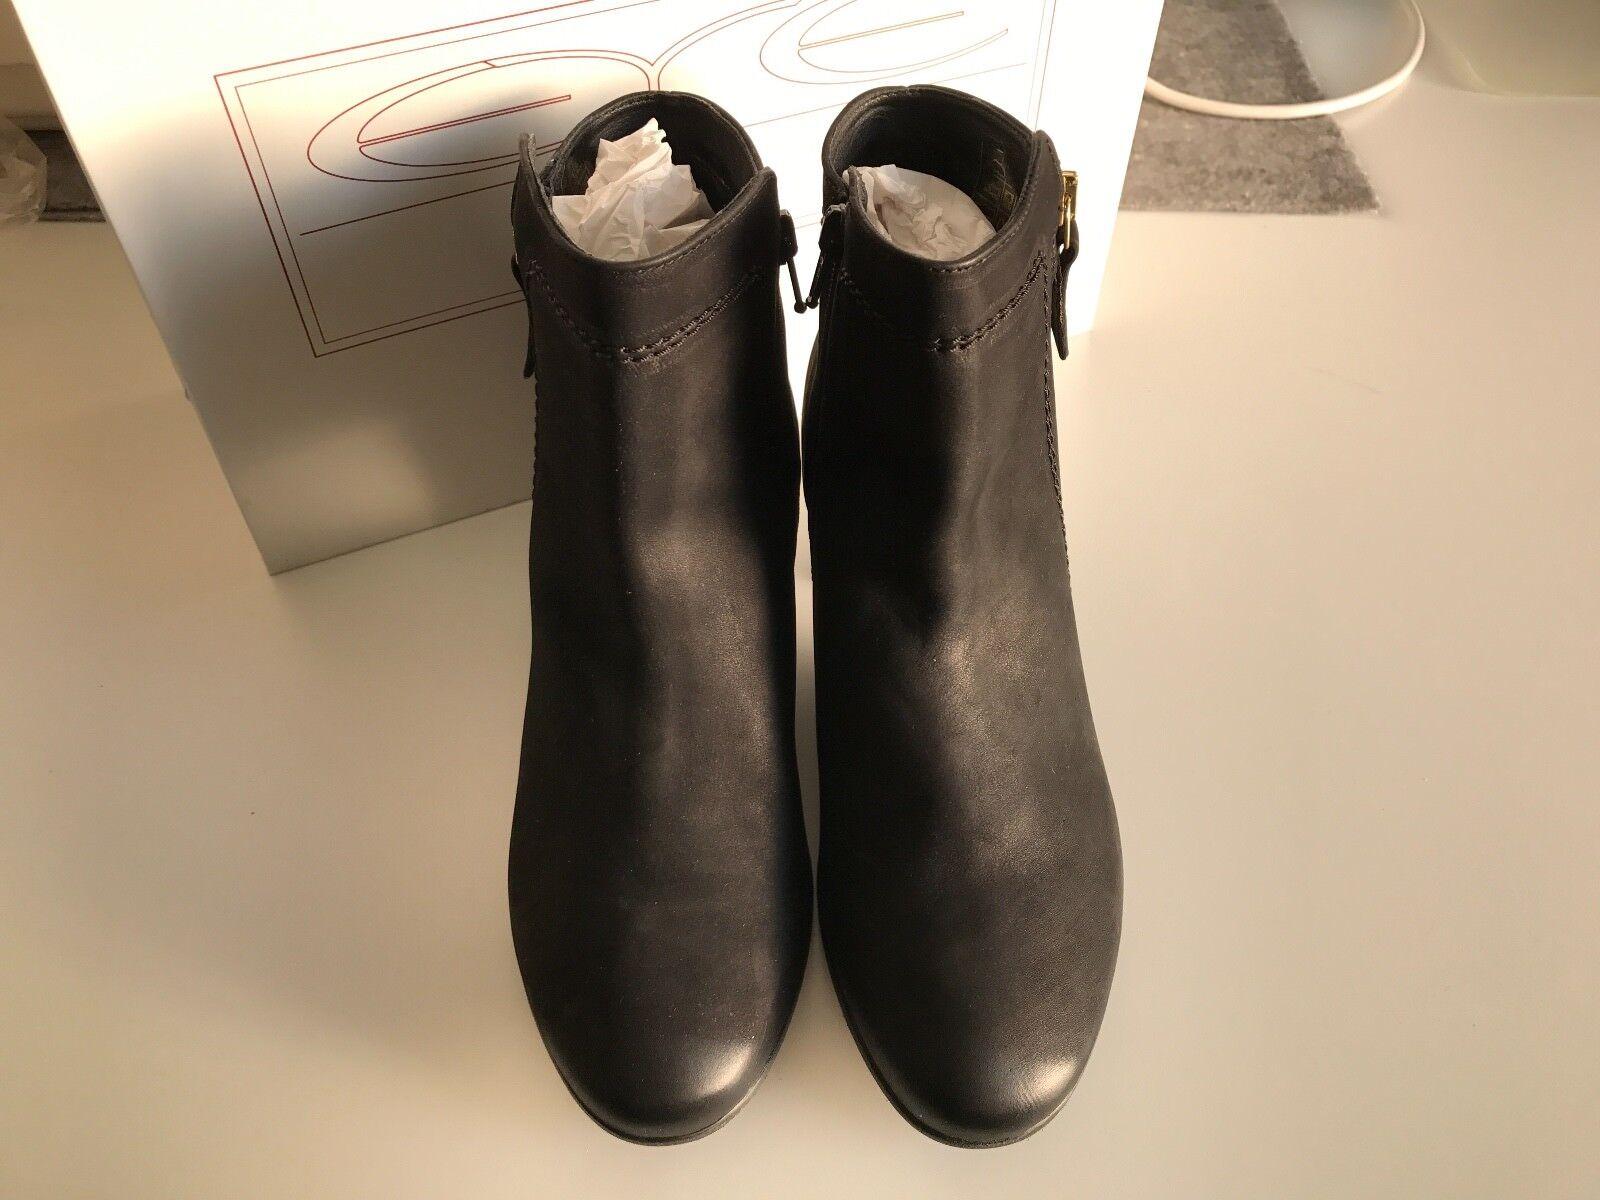 EYE Stiefel – NEU – Leder Stiefelette, Stiefel, Stiefel EYE Gr. 38, Schwarz NP 88330f